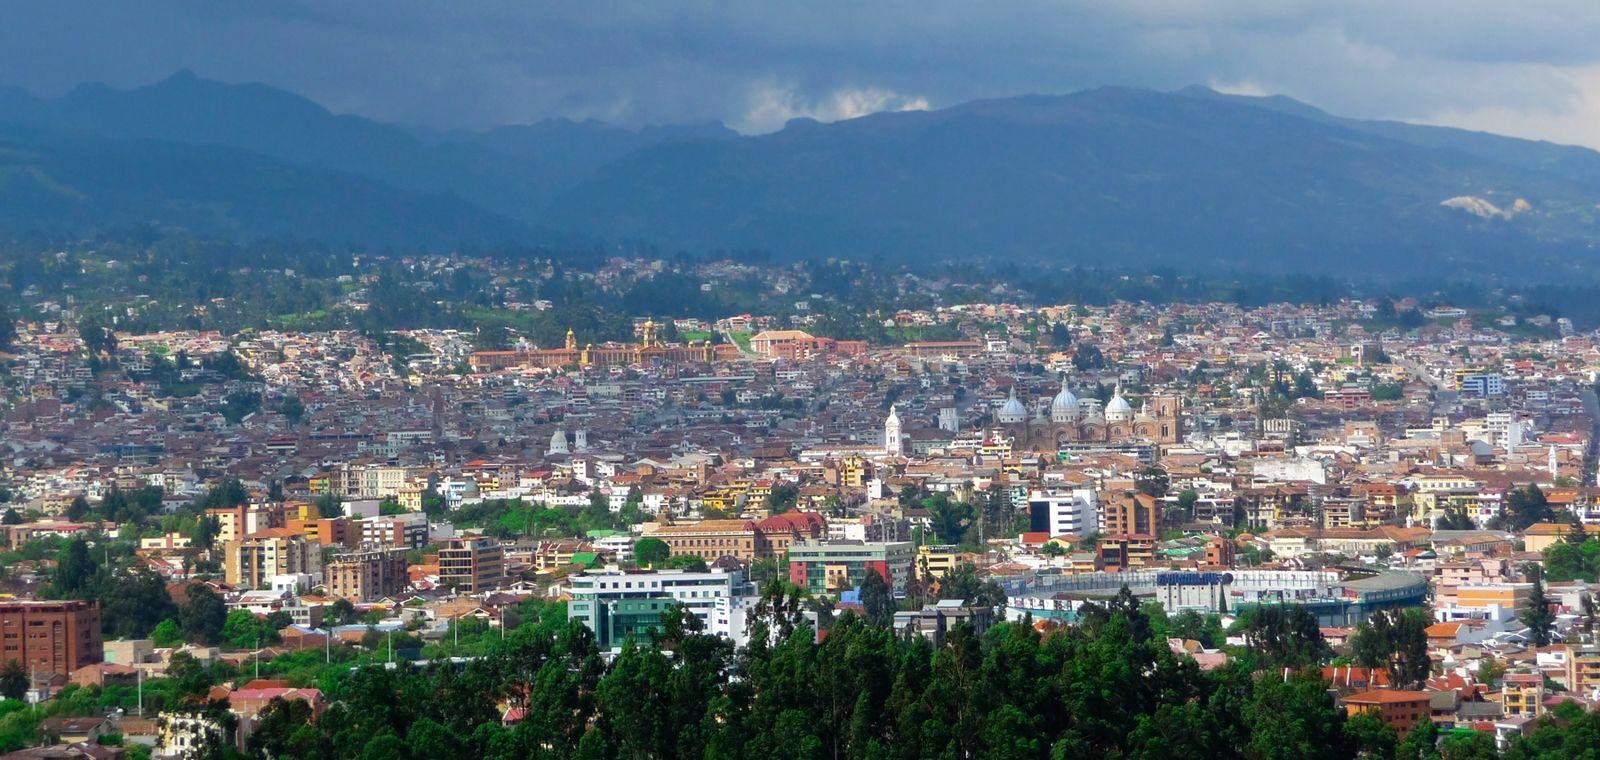 View of Cuenca, Ecuador